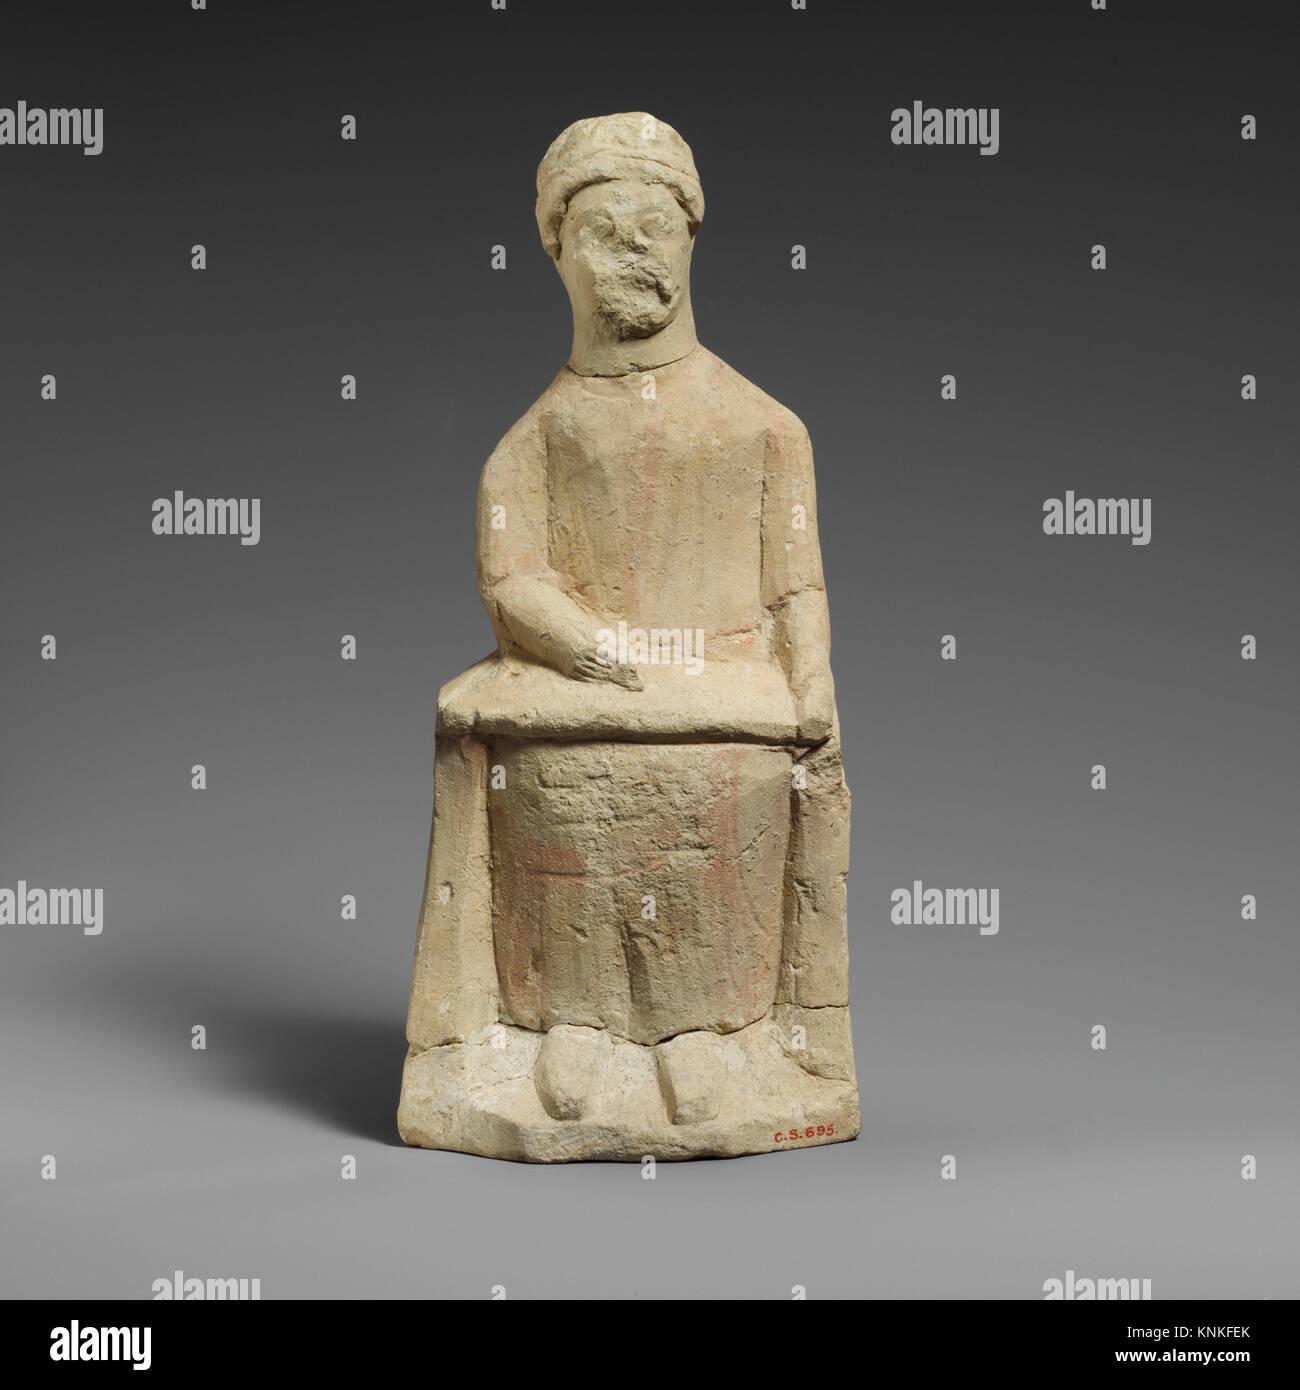 Statuette en pierre calcaire d'un homme imberbe assis votary écrit sur un parchemin. Période: Classical; Date: fin 5ème ou au début du ive siècle avant J.C, Culture: Banque D'Images